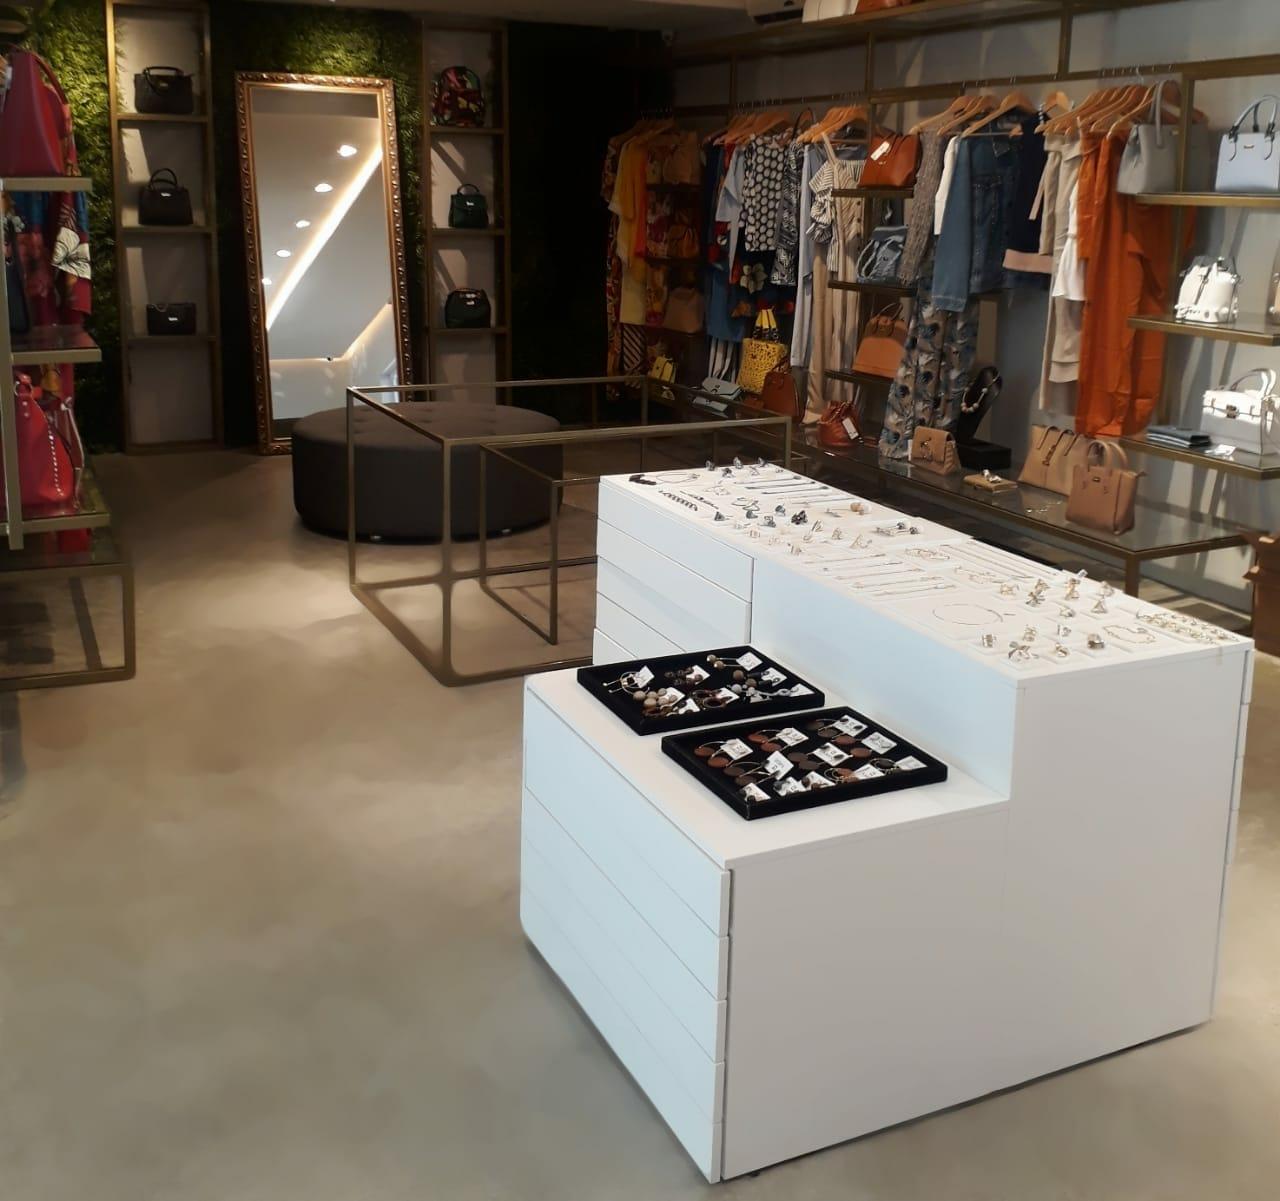 eacb6bb52 Evento especial marca a abertura da loja em local diferenciado e com novo  conceito